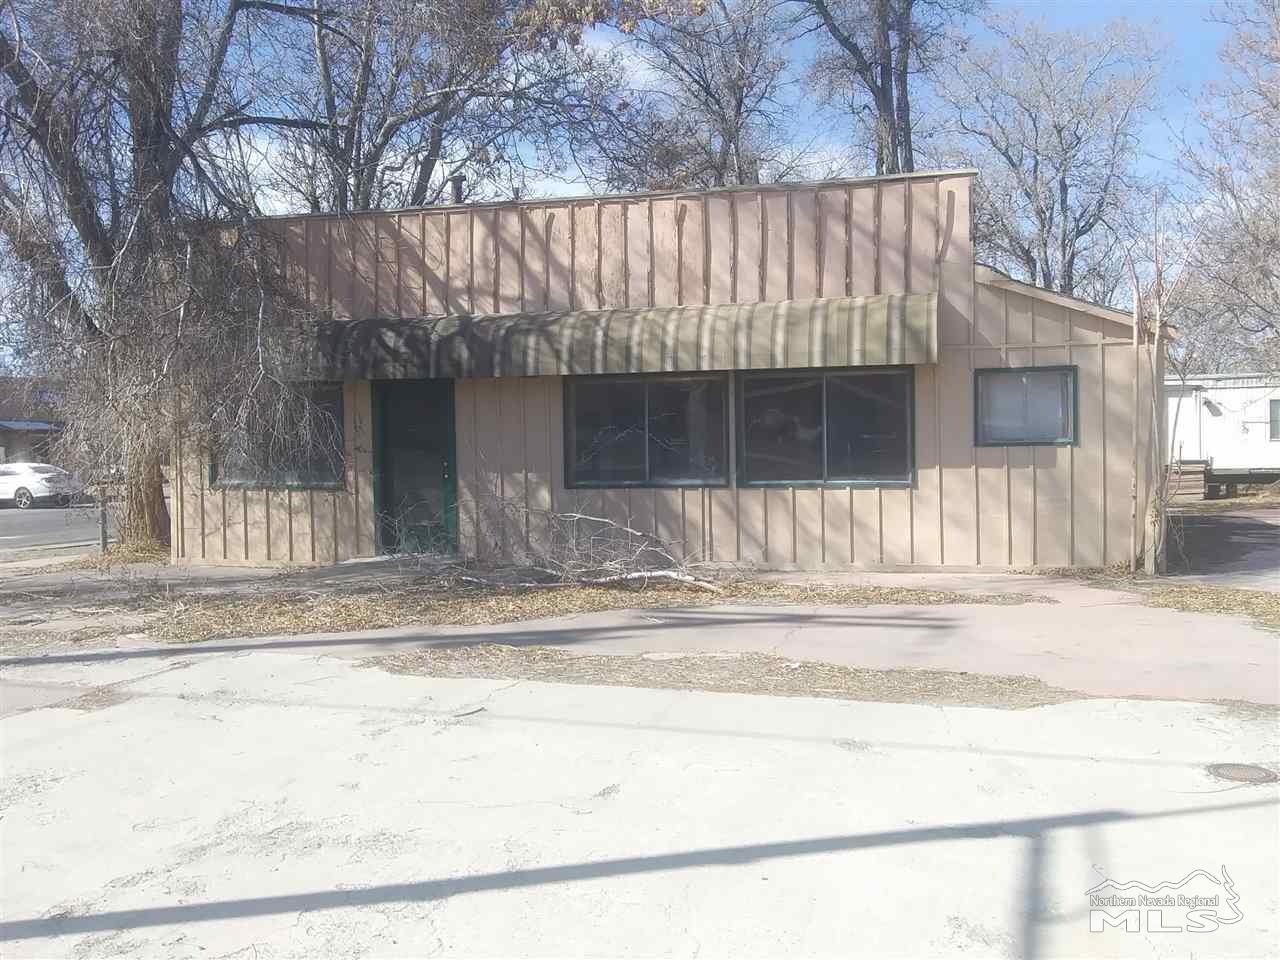 Image for 1115 Cornell Ave, Lovelock, NV 89419